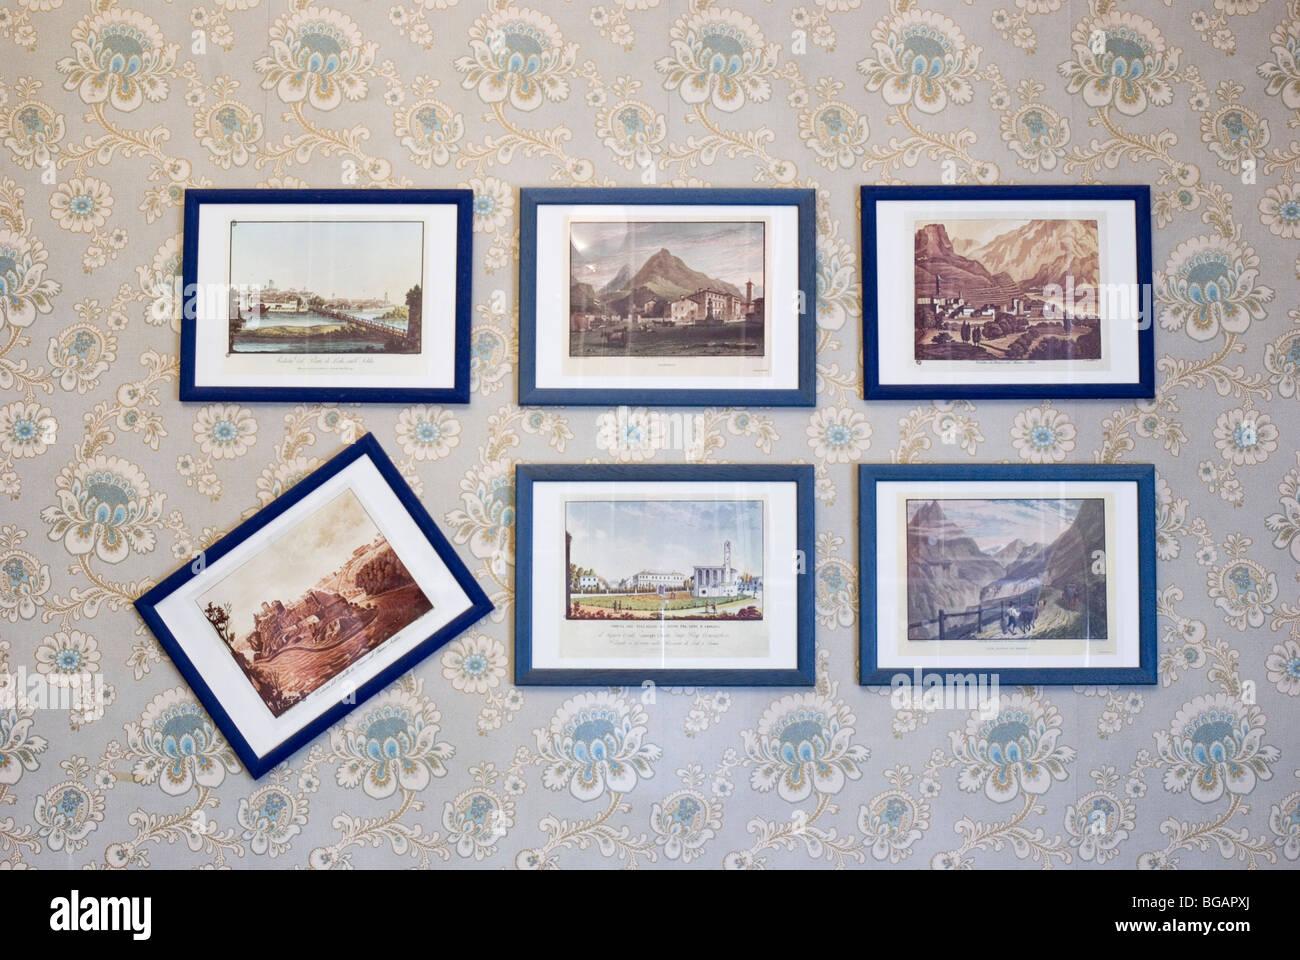 Gerahmte Gemälde in einer Reihe an Wand gehängt Stockfoto, Bild ...